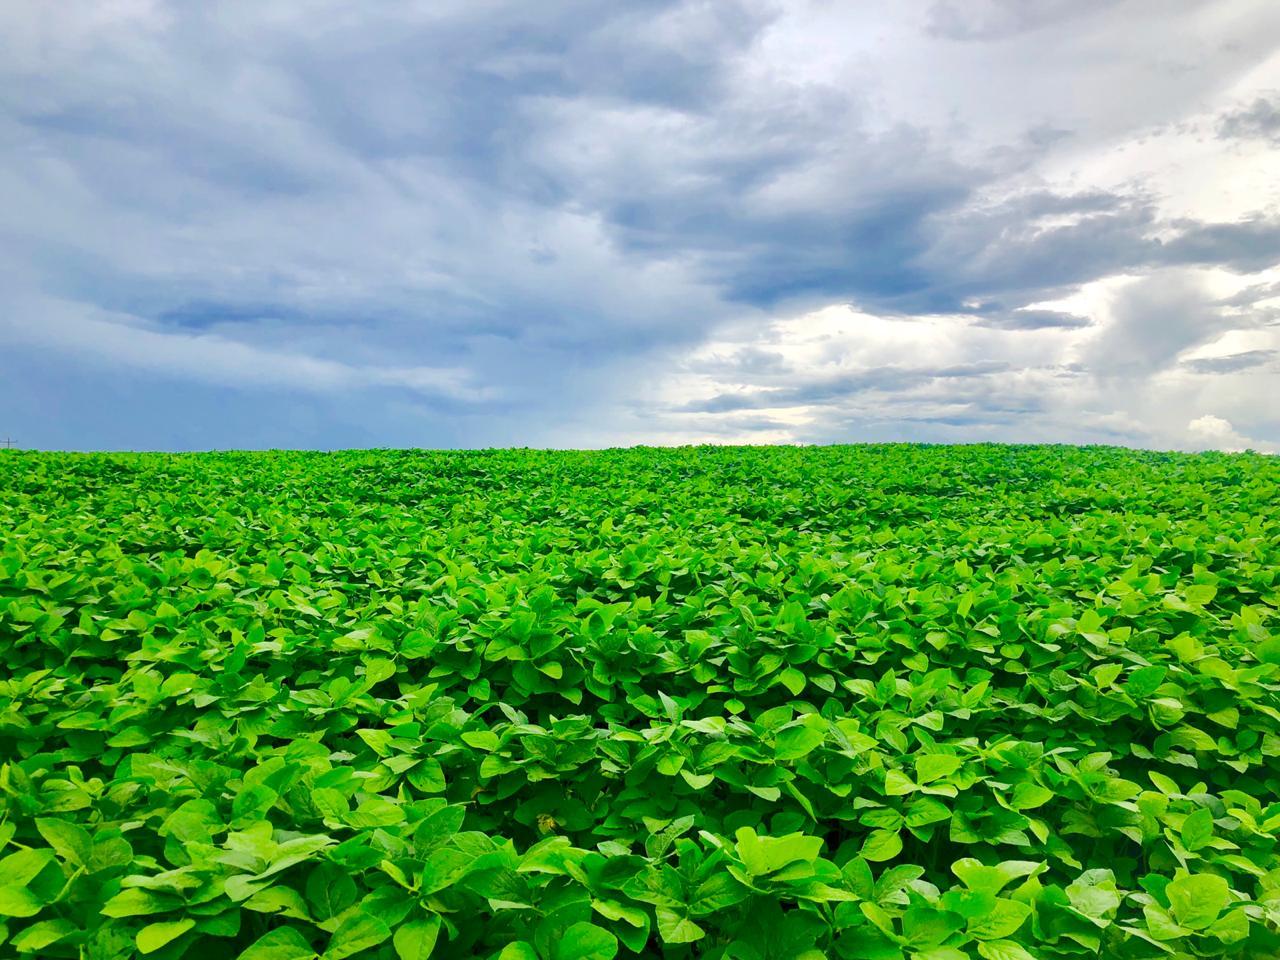 Áreas de soja na região de Lagoa Vermelha (RS). Envio do Eng. Agr. Carlos R. Dellavalle Filho